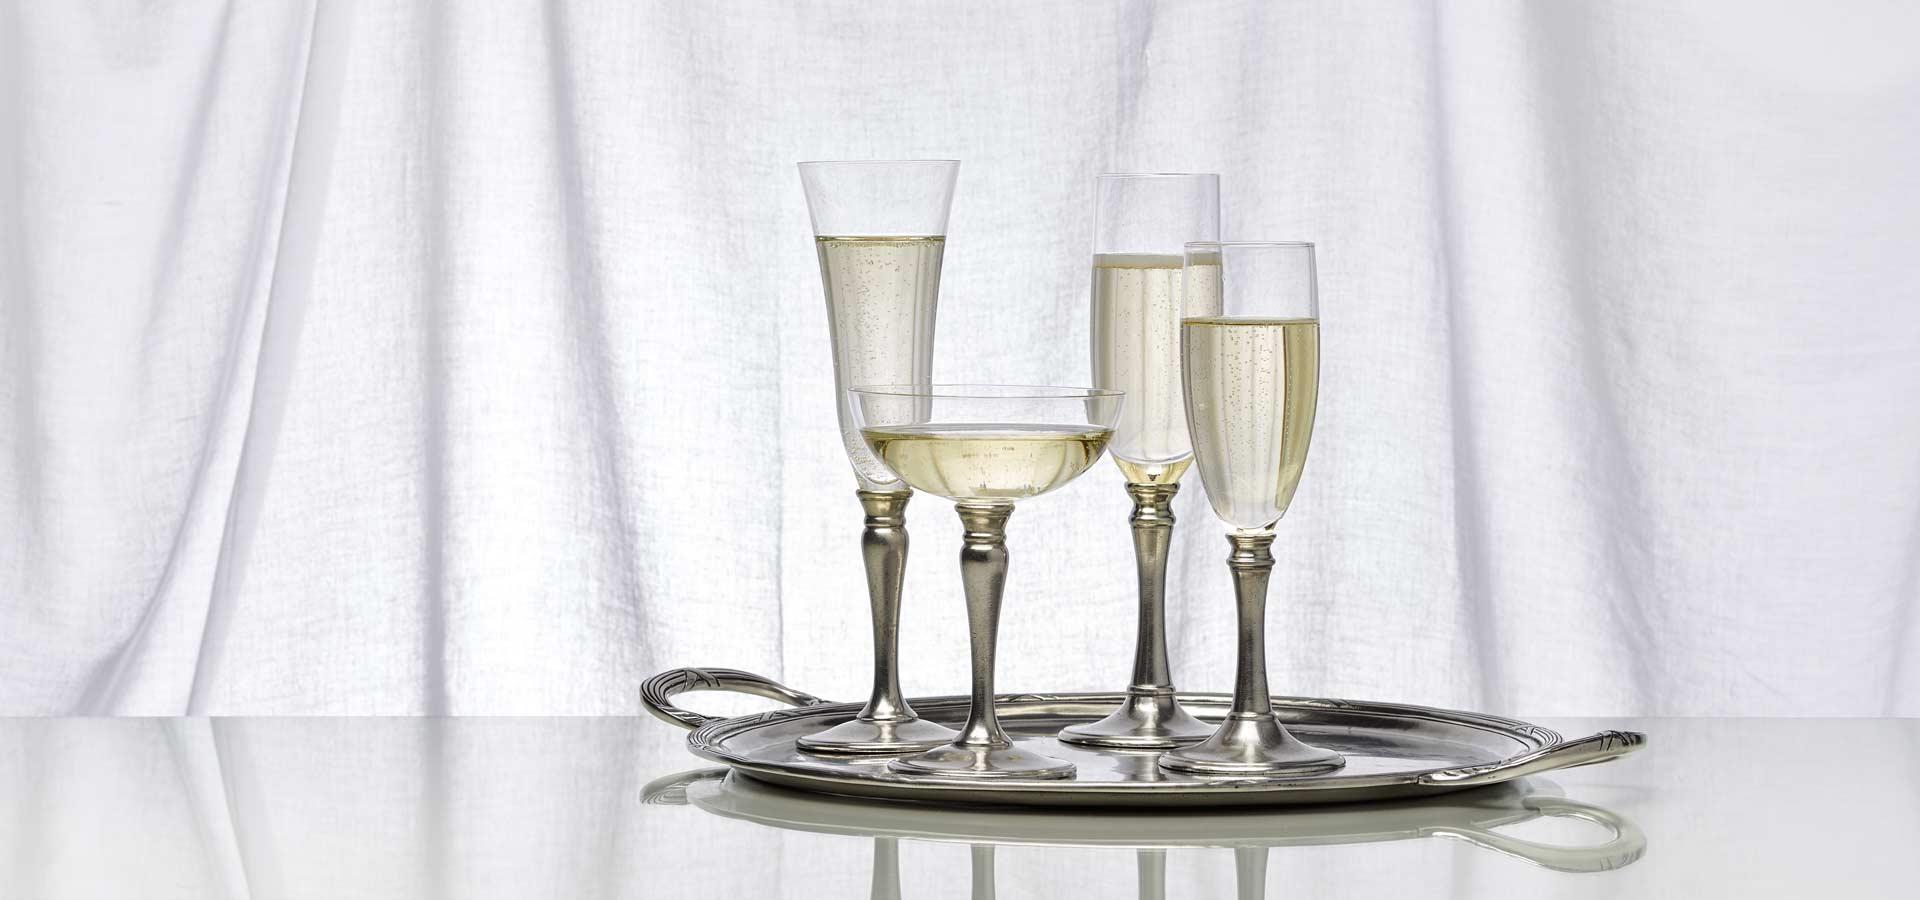 Бокалы, фужеры, стаканы и рюмки